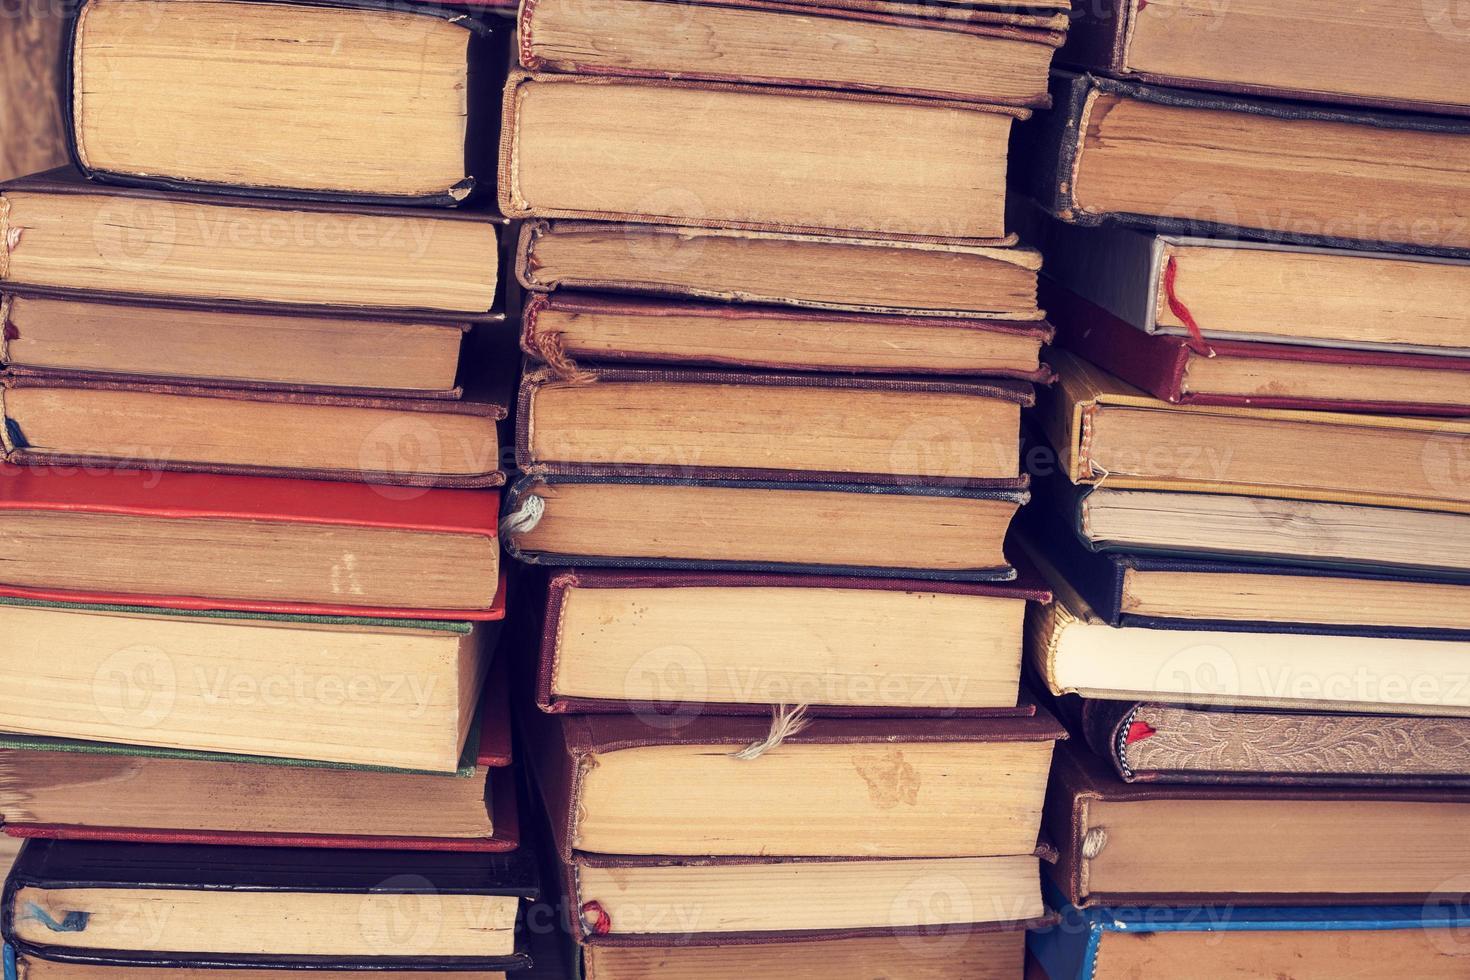 vecchi libri con copertina rigida foto